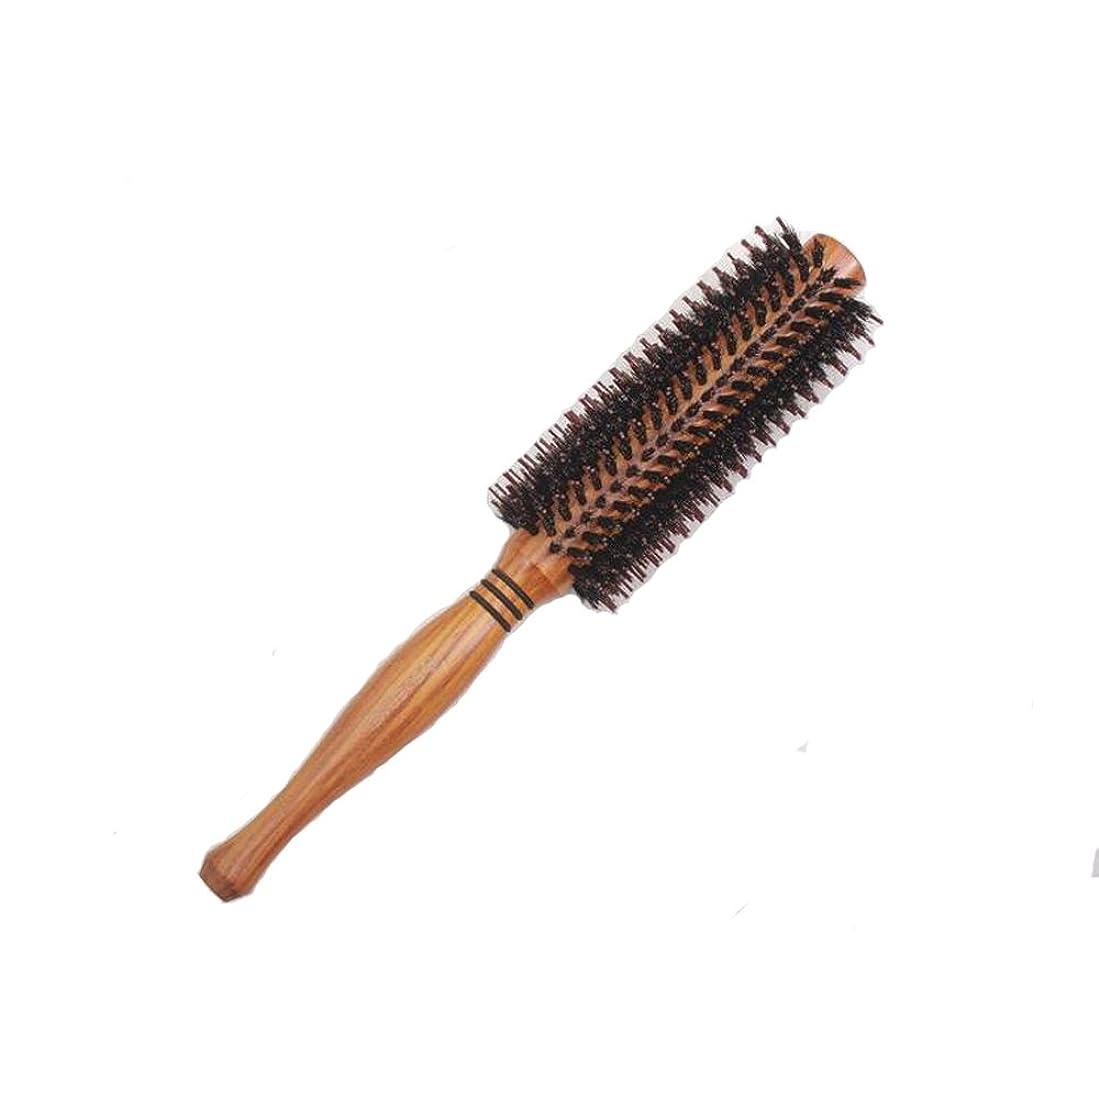 木材指州天然ロールブラシ 豚毛 耐熱仕様 ブロー カール 巻き髪 ヘア ブラシ ロール